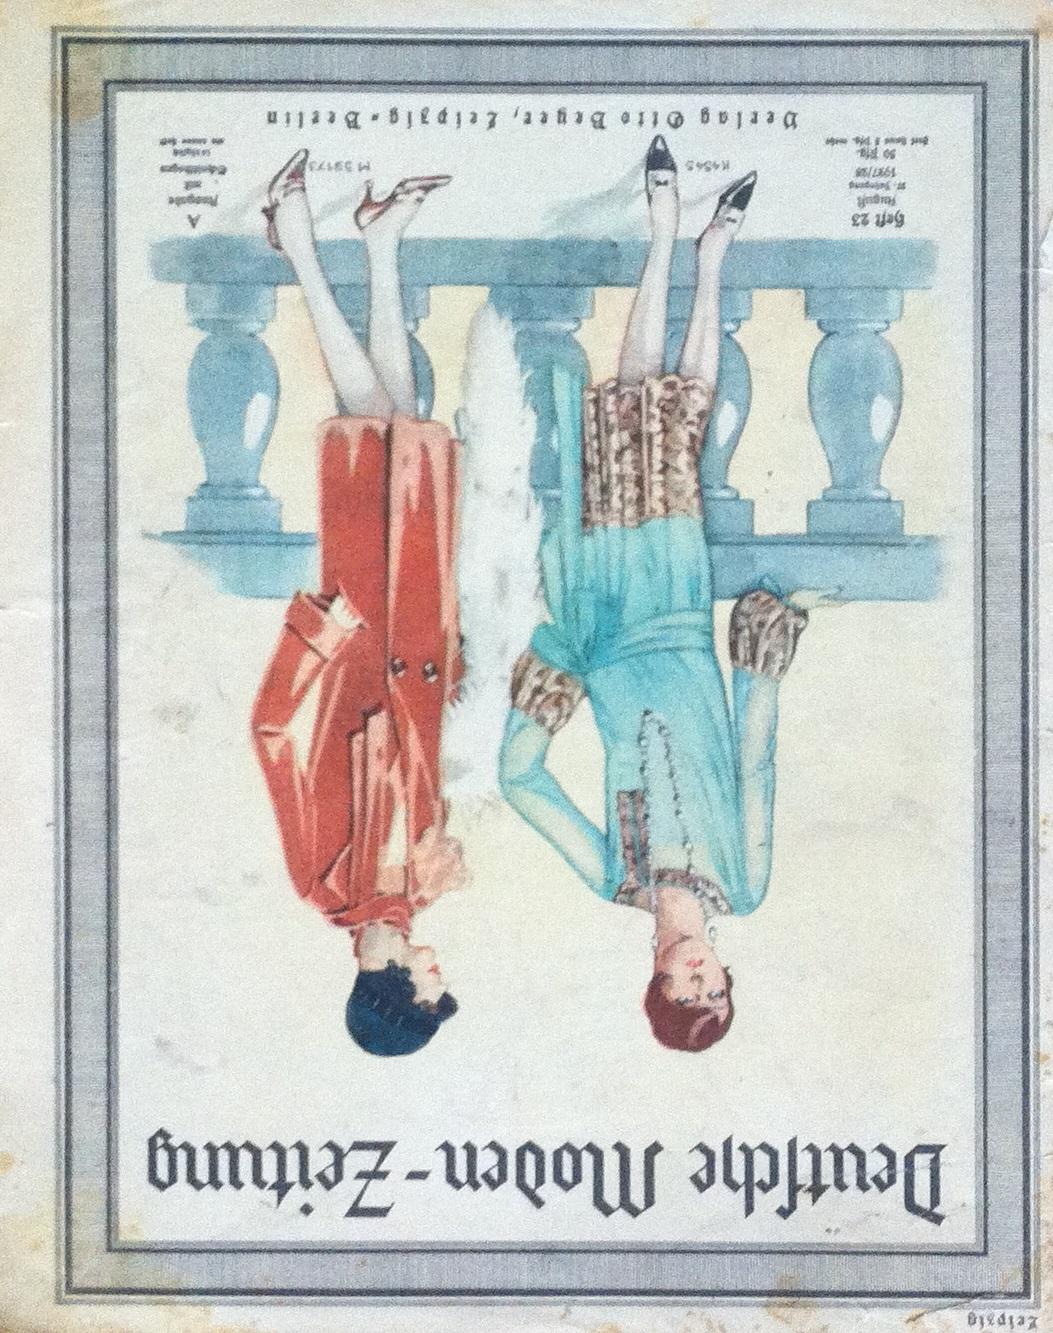 Deutsche Moden-Zeitung No. 23 Vol. 37 1927/28